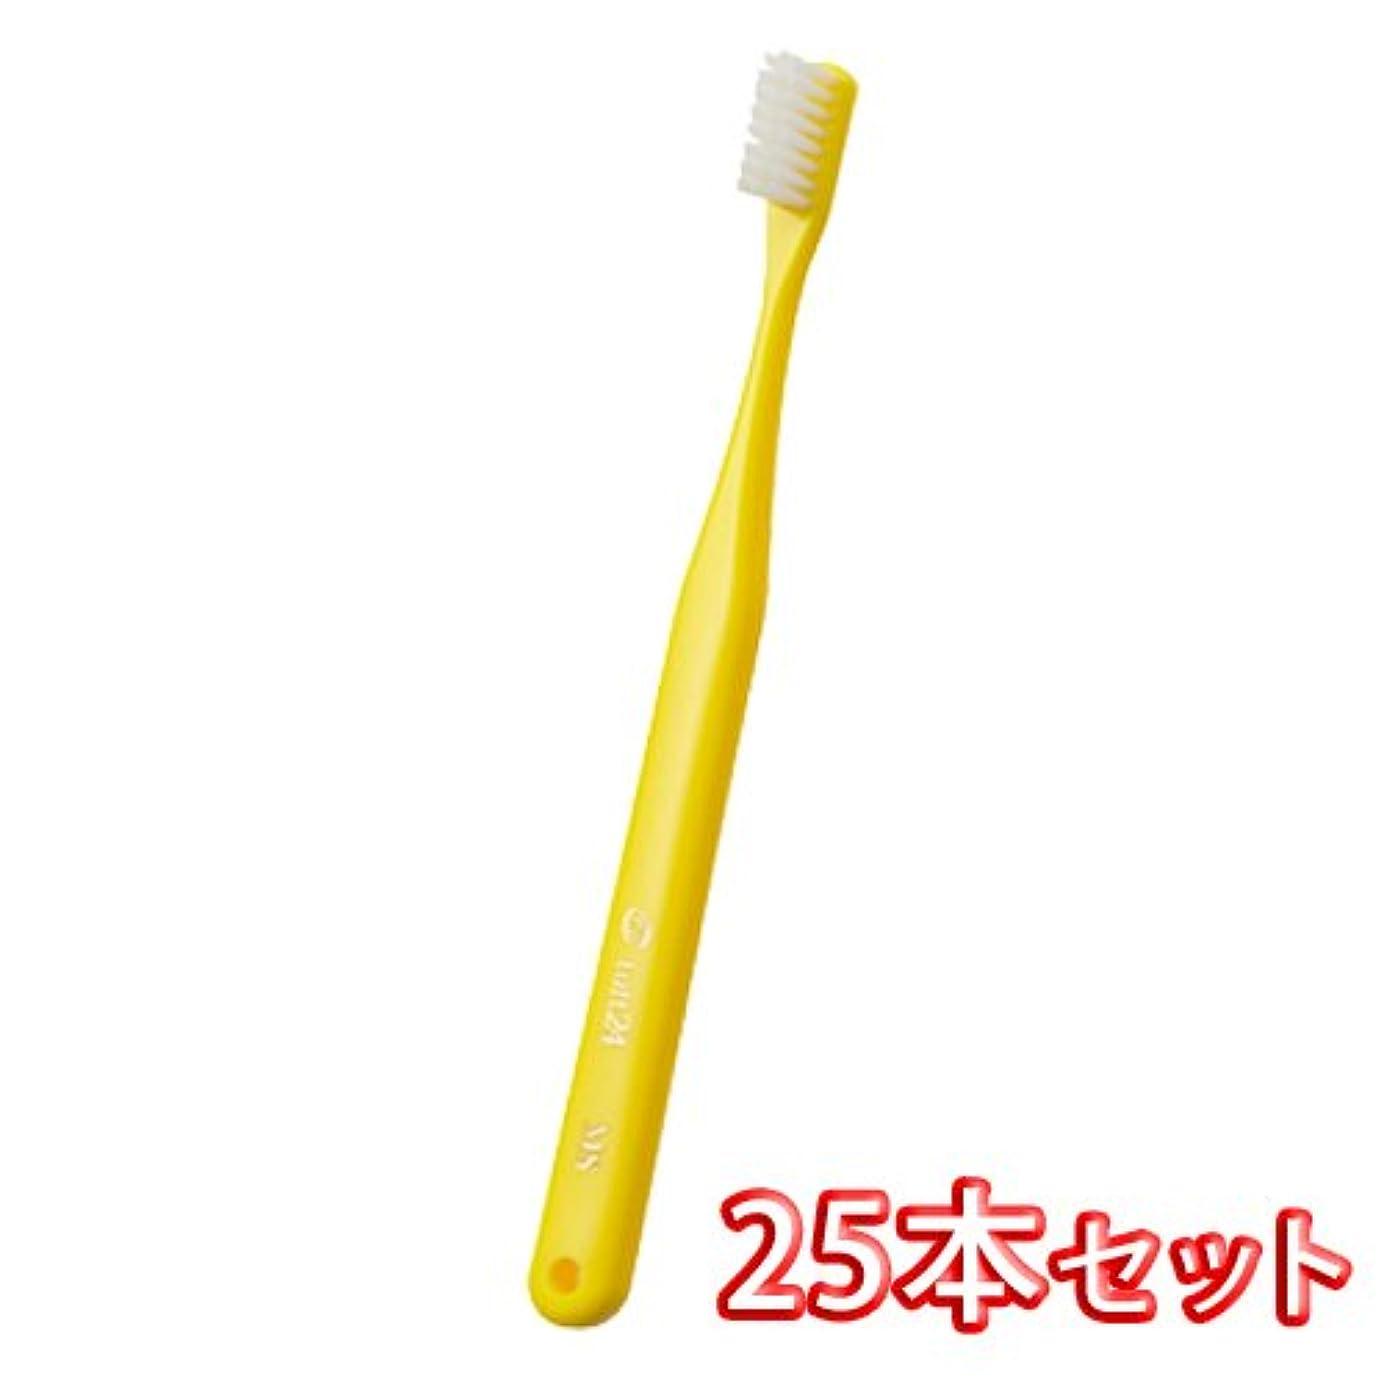 防衛混雑物理オーラルケア キャップ付き タフト 24 歯ブラシ 25本入 ミディアムハード MH (イエロー)